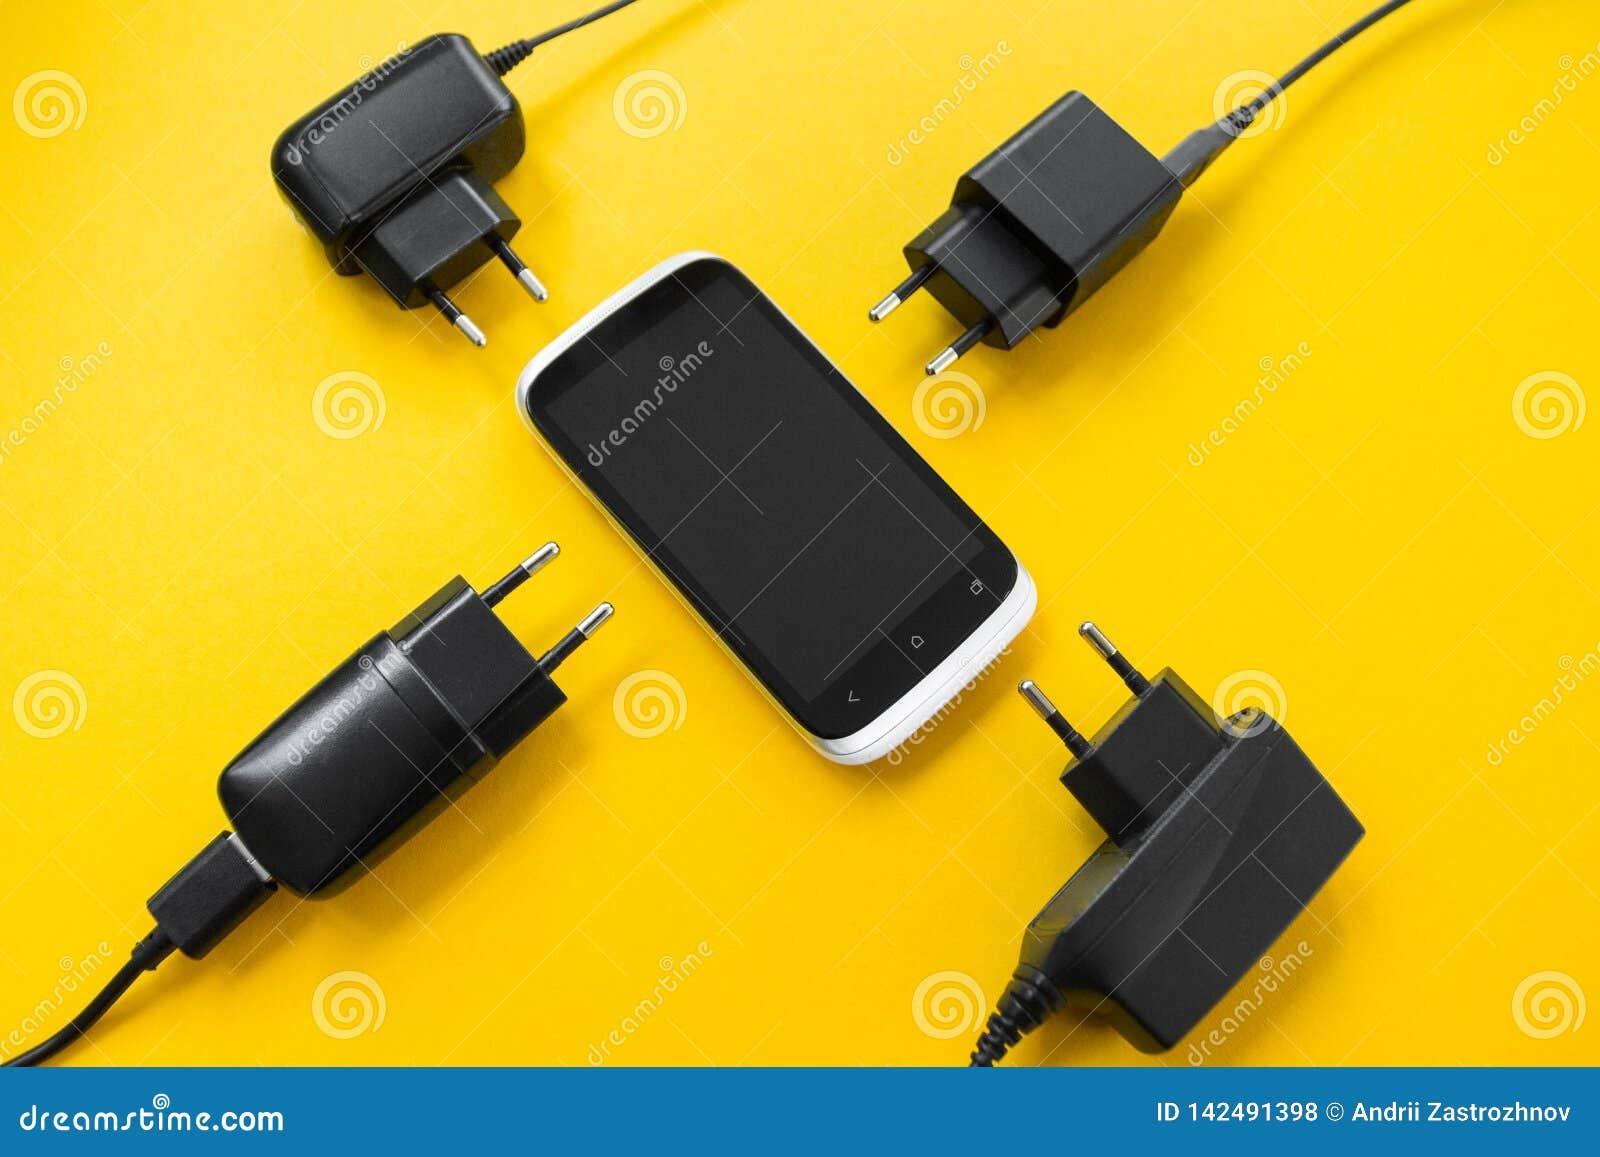 Carregamento sem fio para o smartphone em um fundo amarelo, conceito